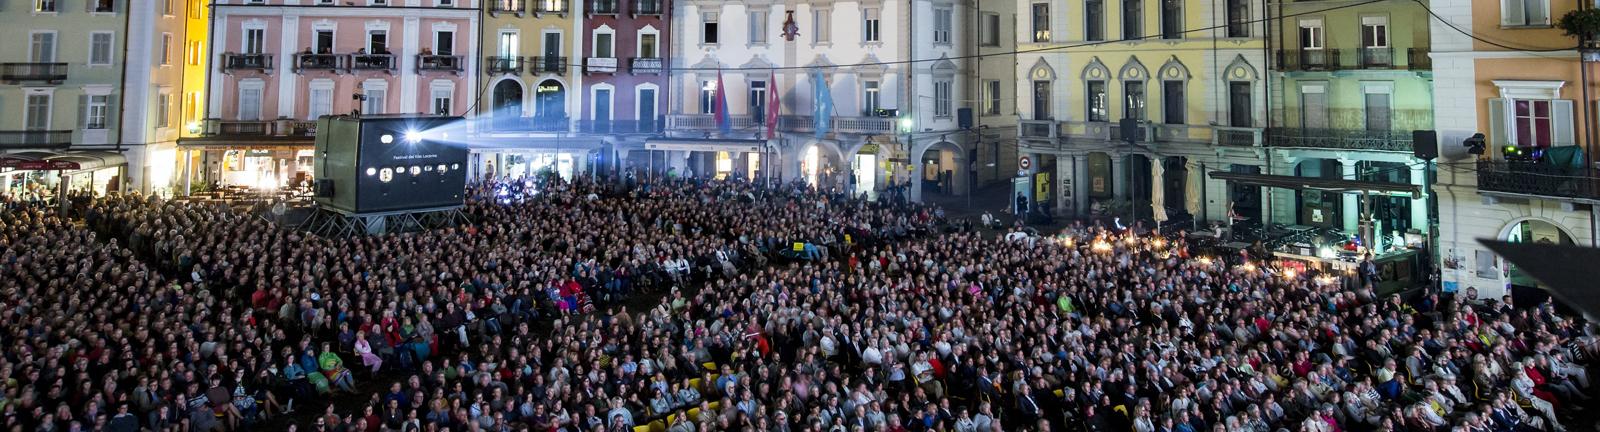 Menschen schauen einen Film auf der Piazza in Locarno